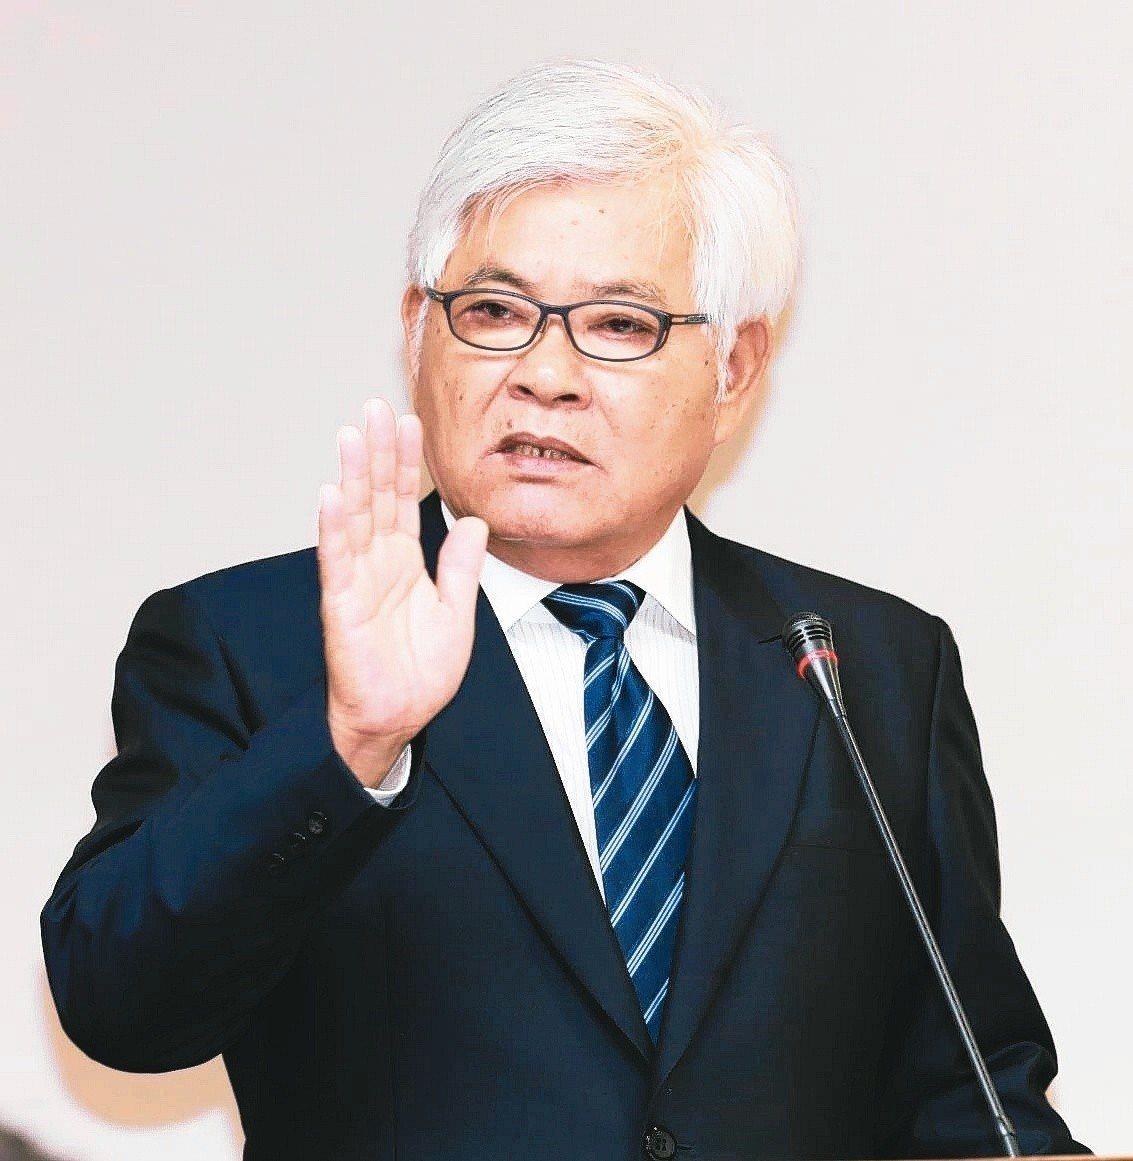 中選會主委提名人李進勇。 圖/聯合報系資料照